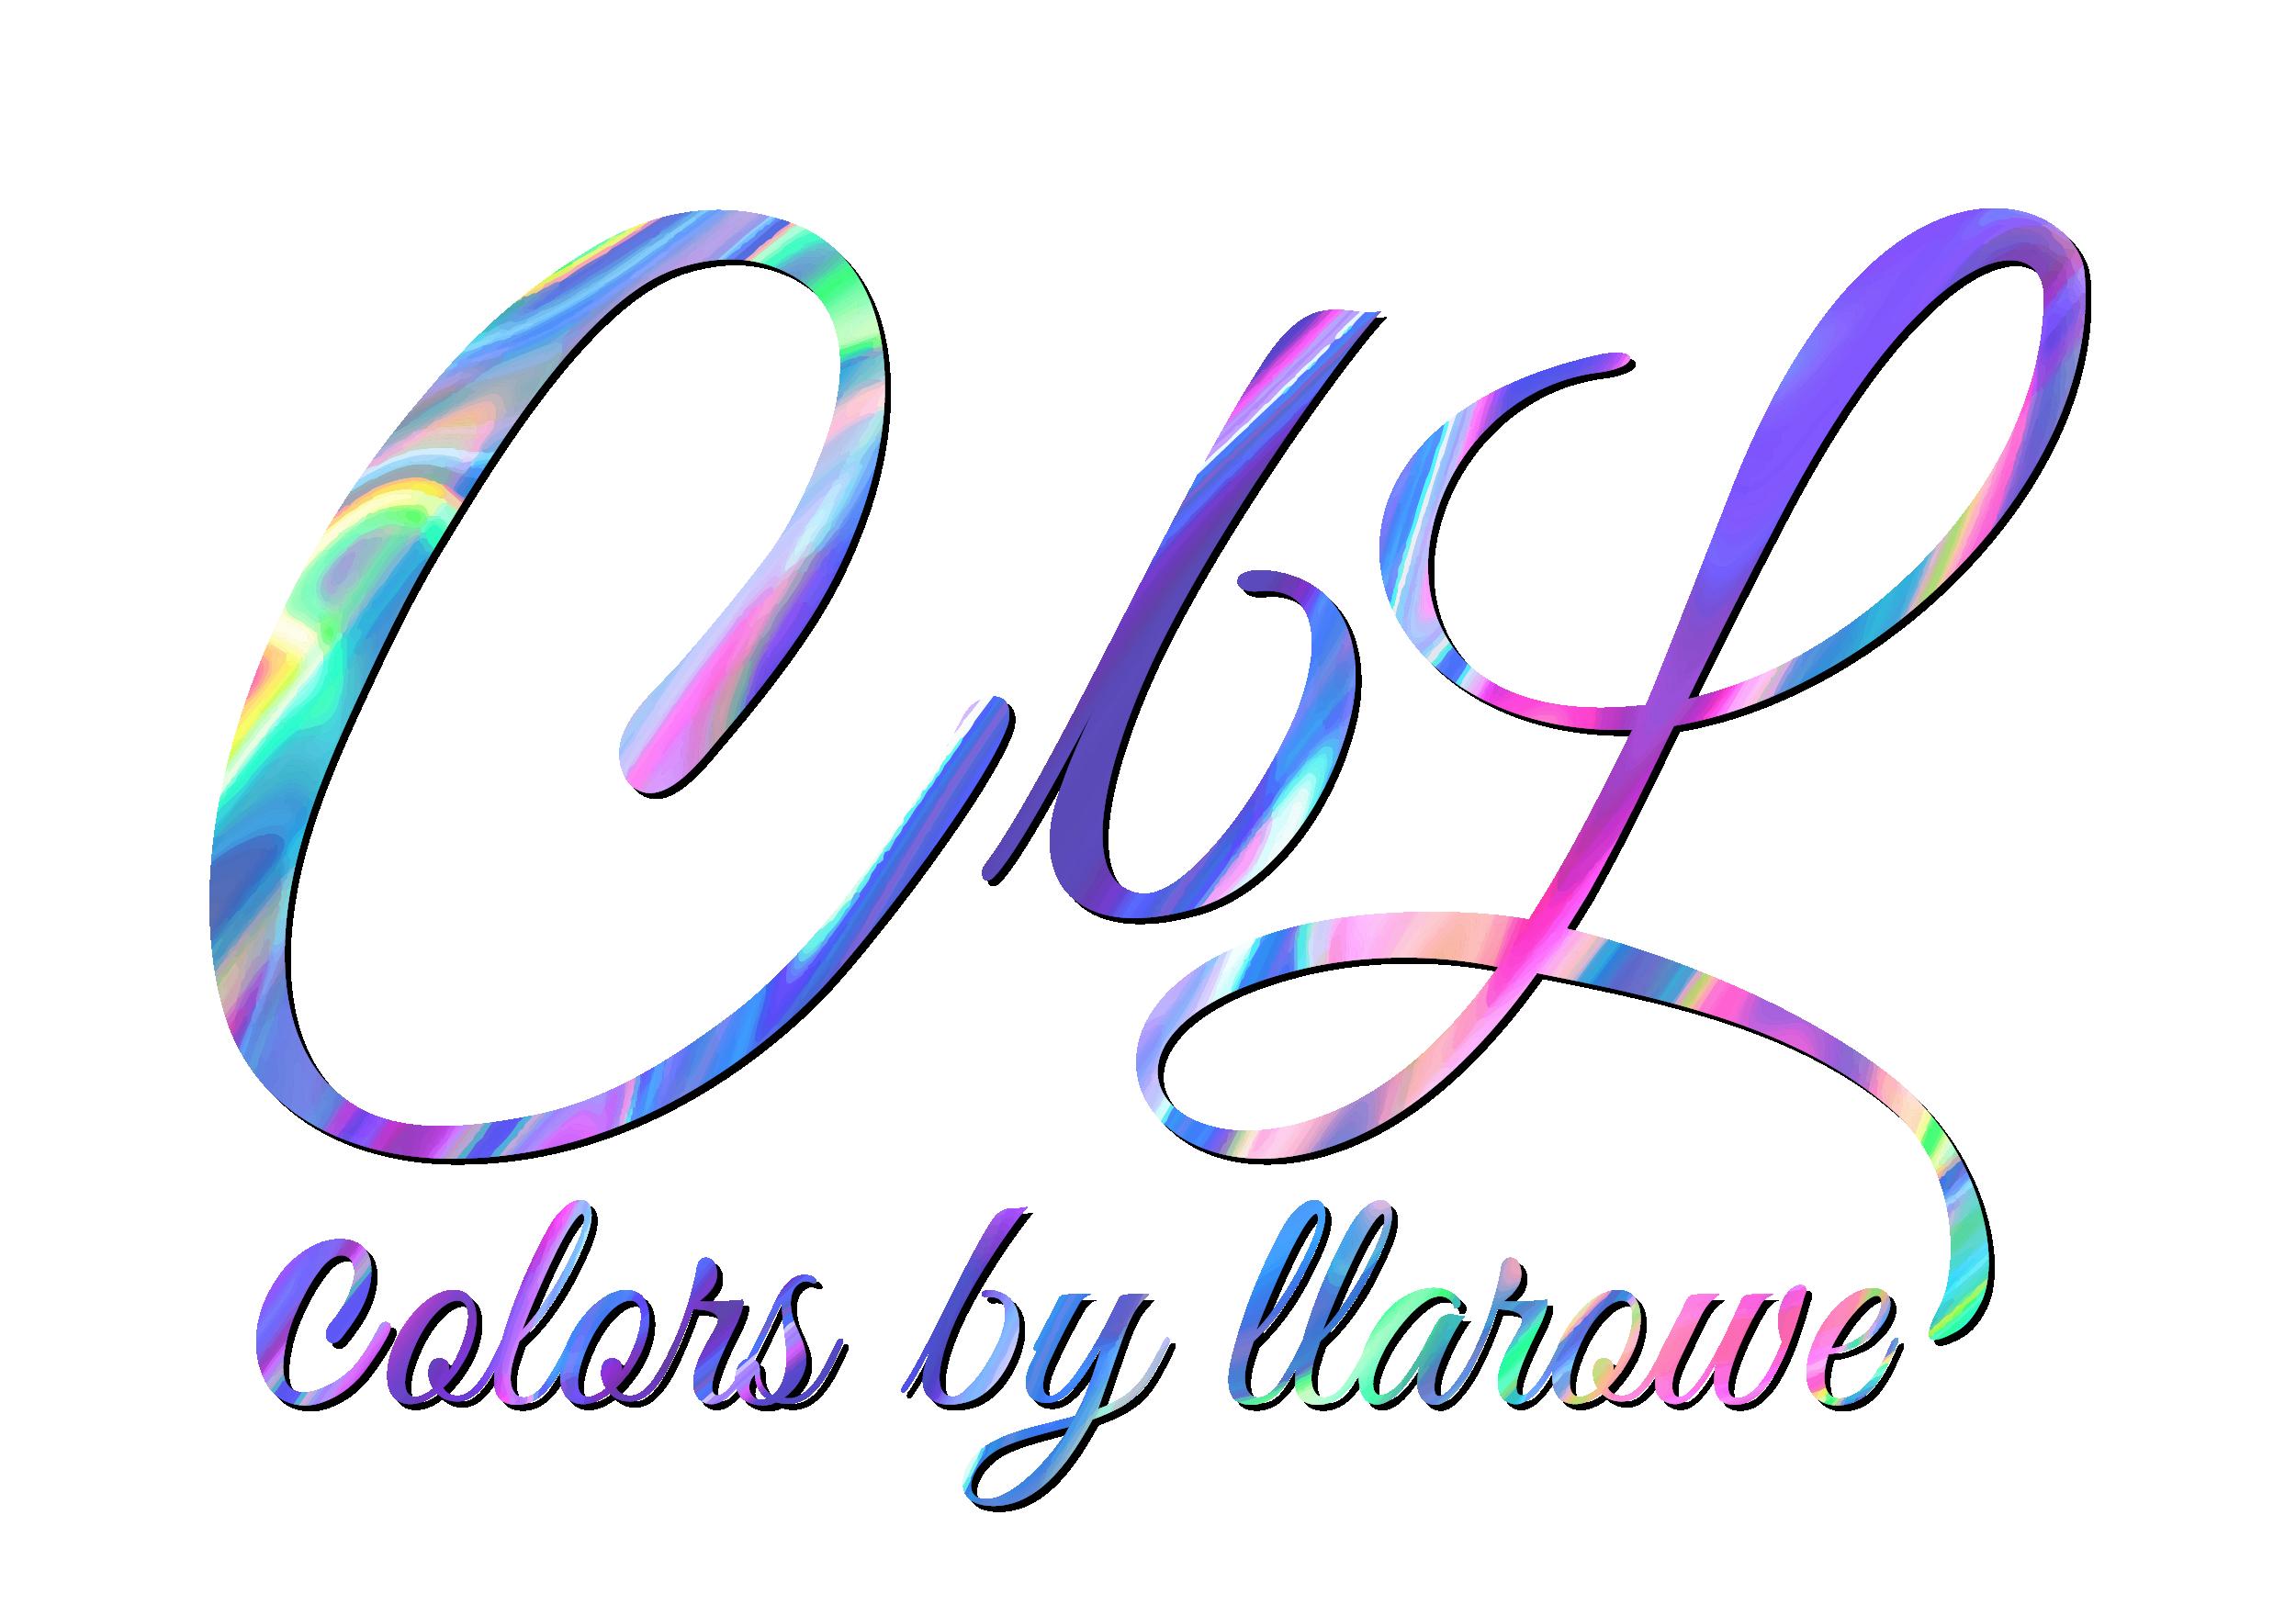 llarowe-hologram-2-r2-600.png